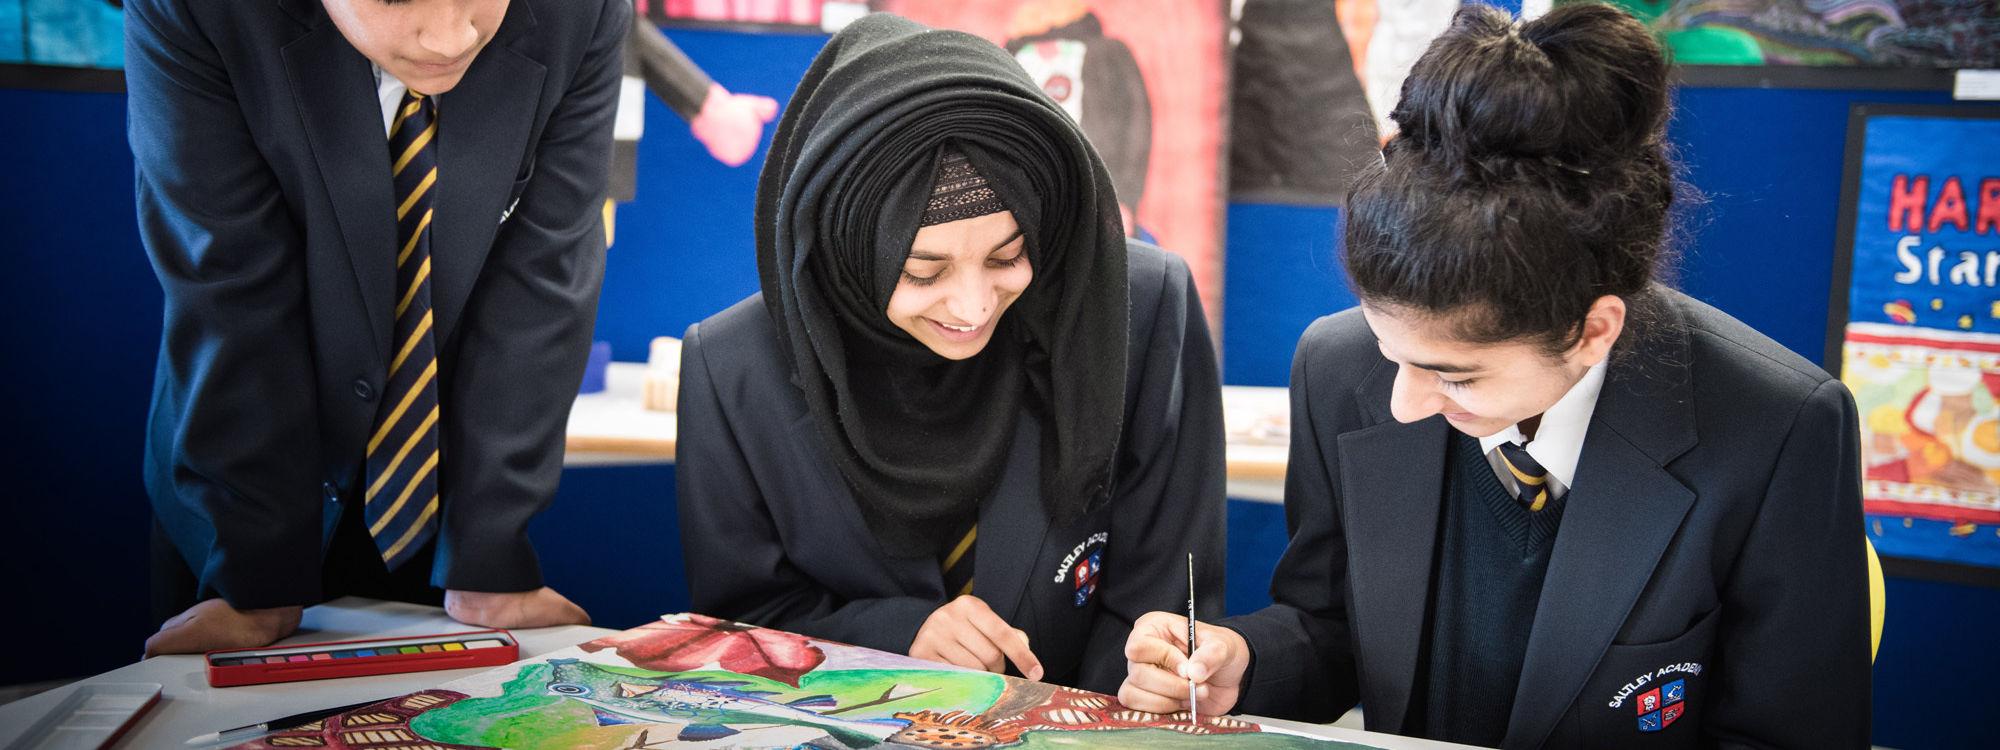 Saltley academy image 12